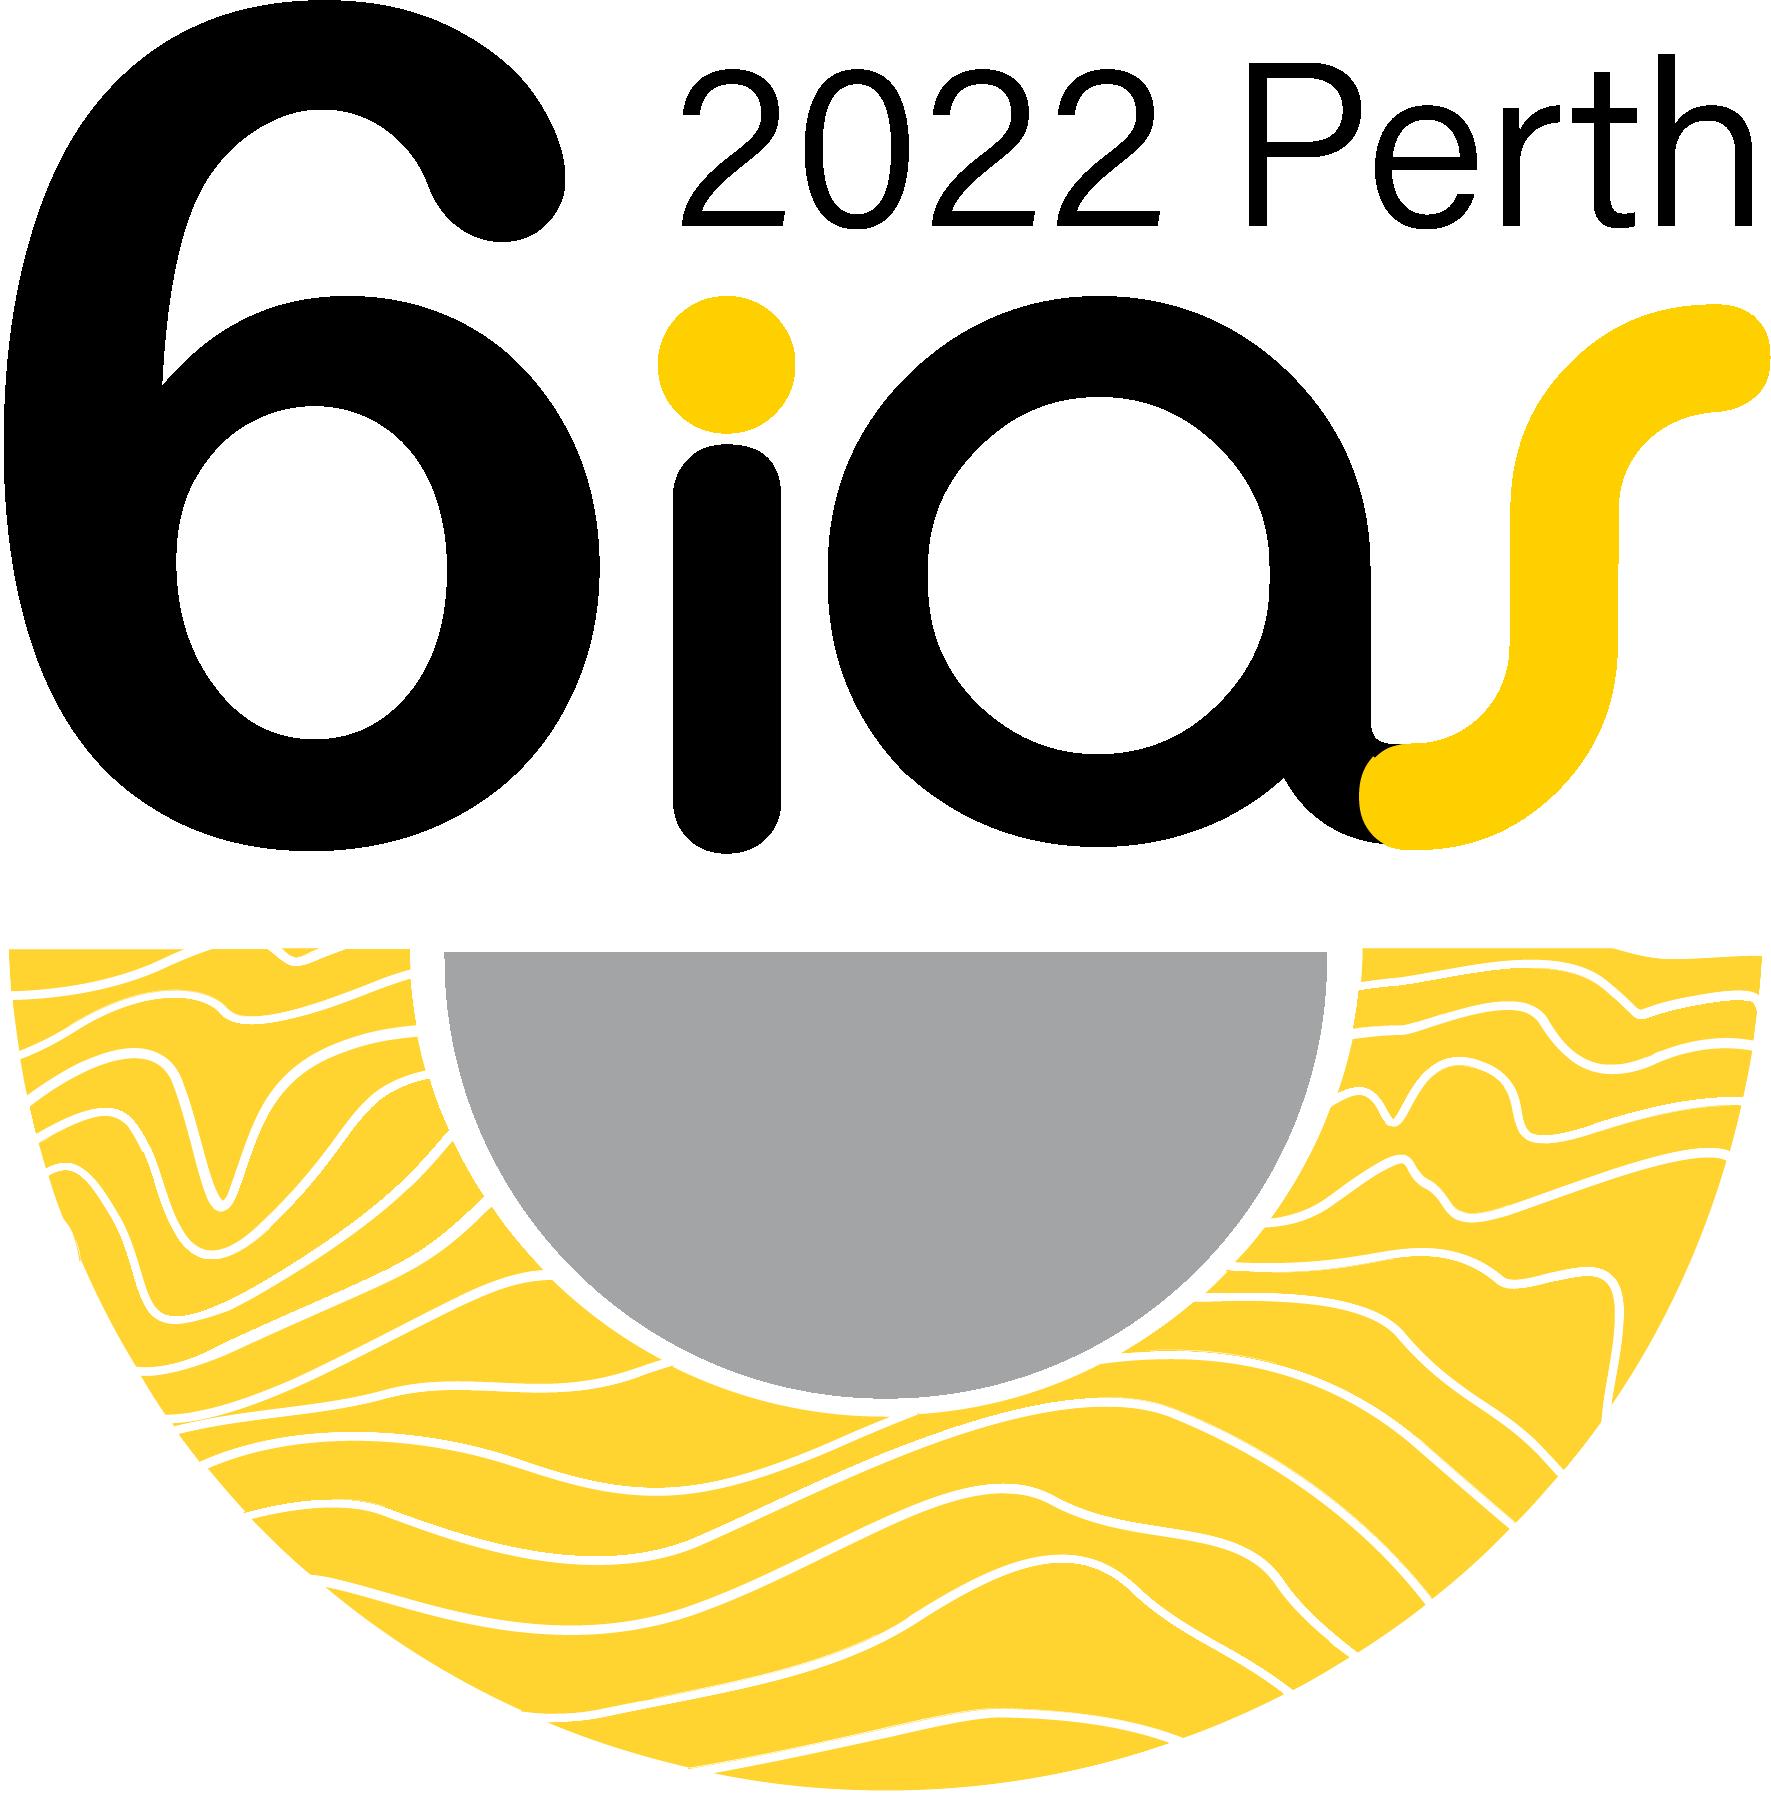 2020 Perth 6iAS logo